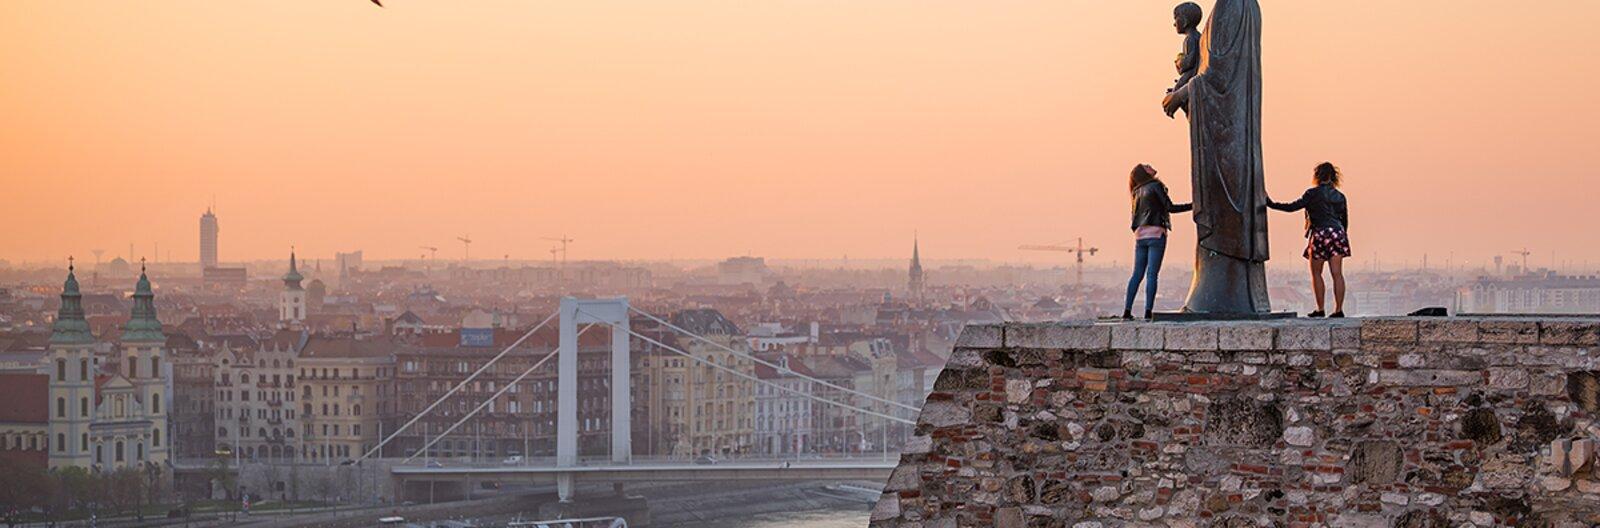 Kezdődik az Építészeti Filmnapok, jön a Gallery Weekend Budapest és nőnapi programokból is válogathatunk – programajánló (03.05–11.)